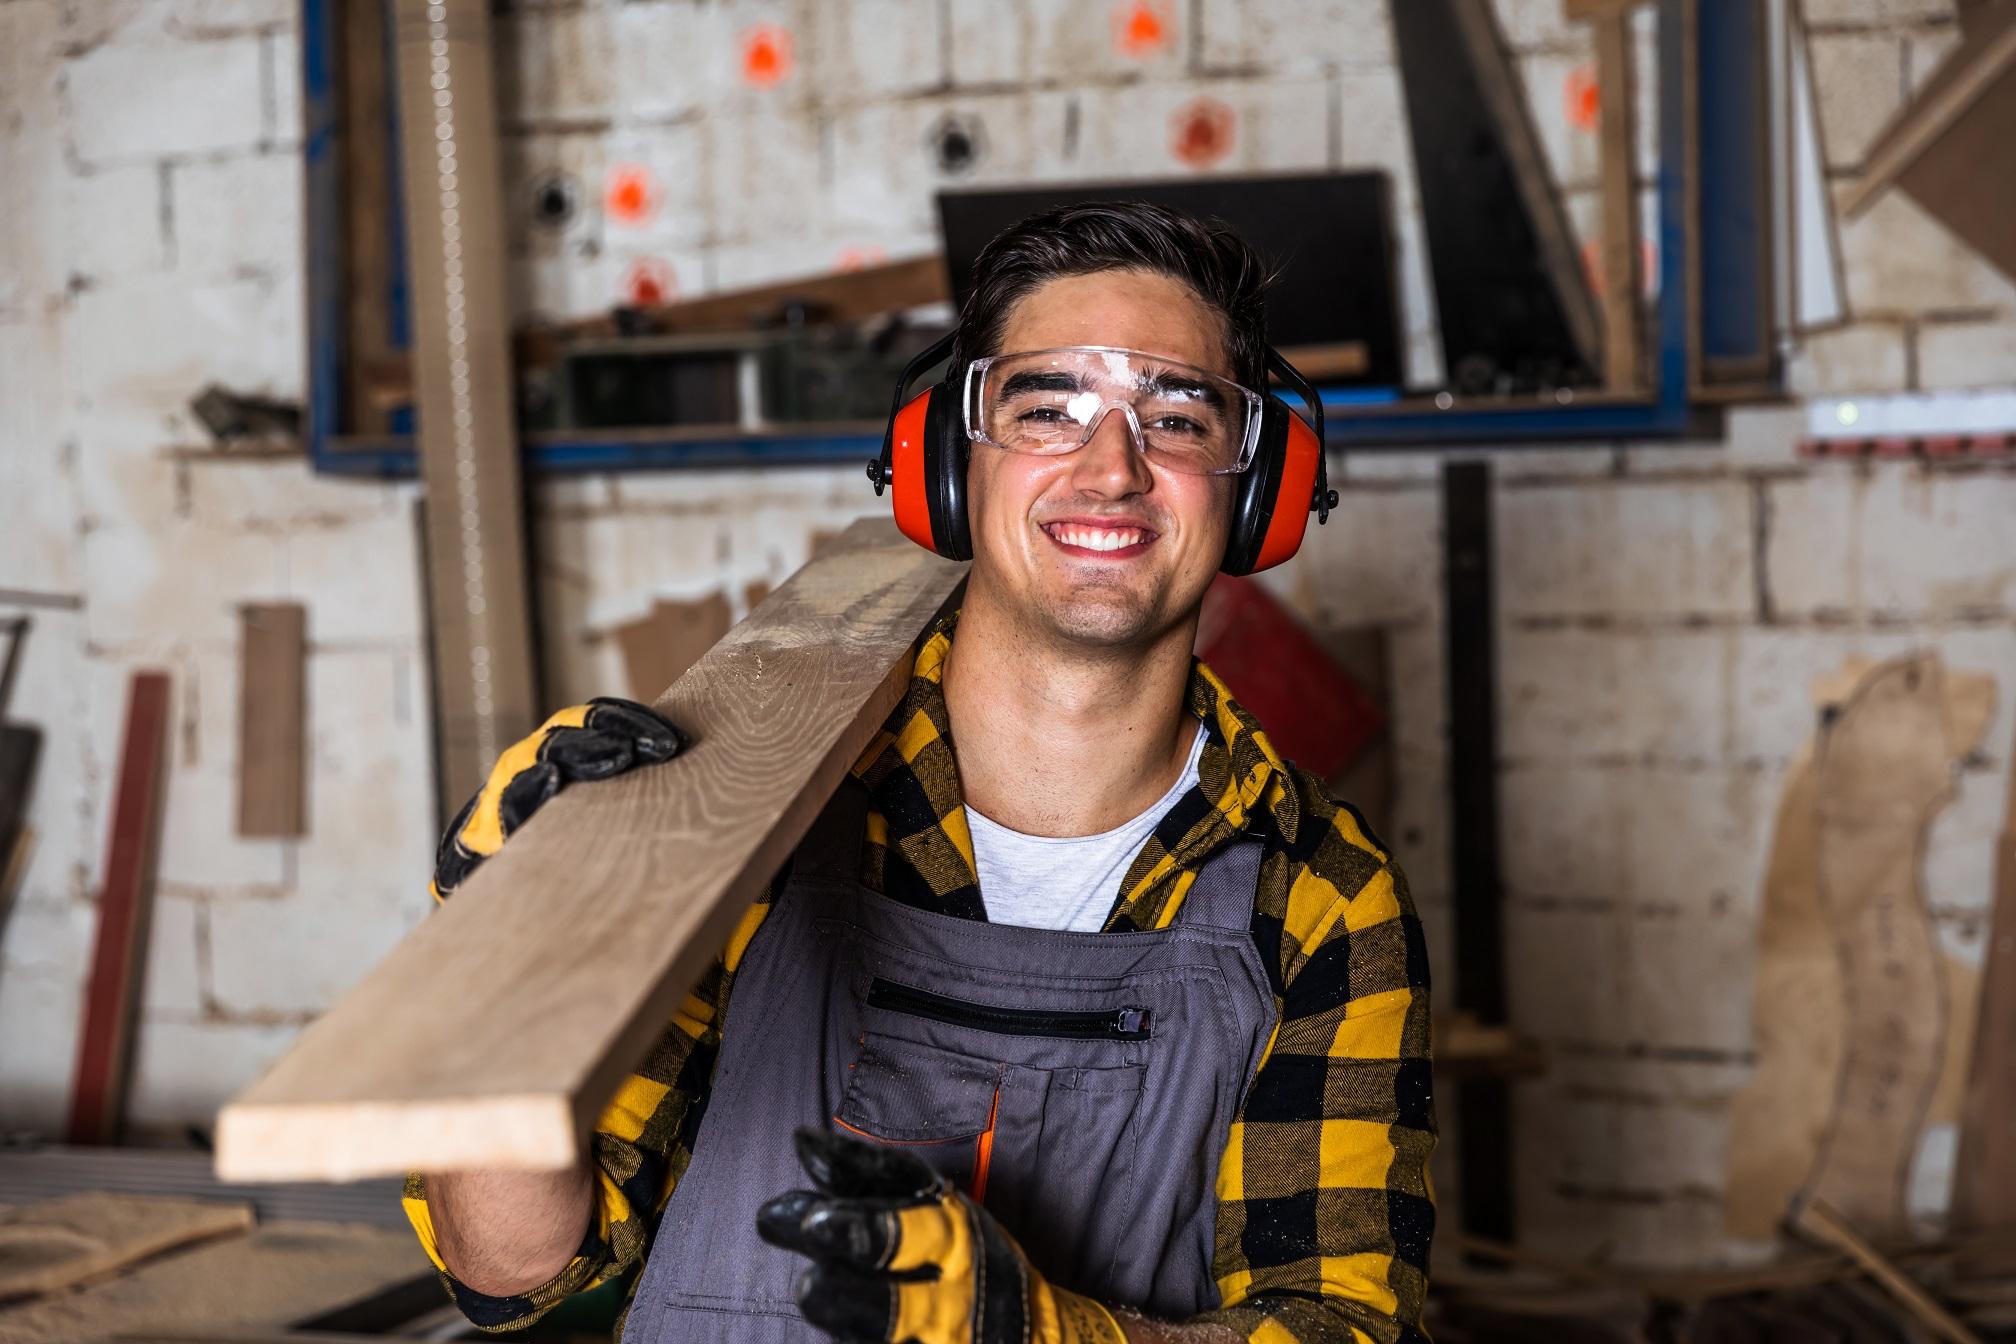 Carpenter hard at work